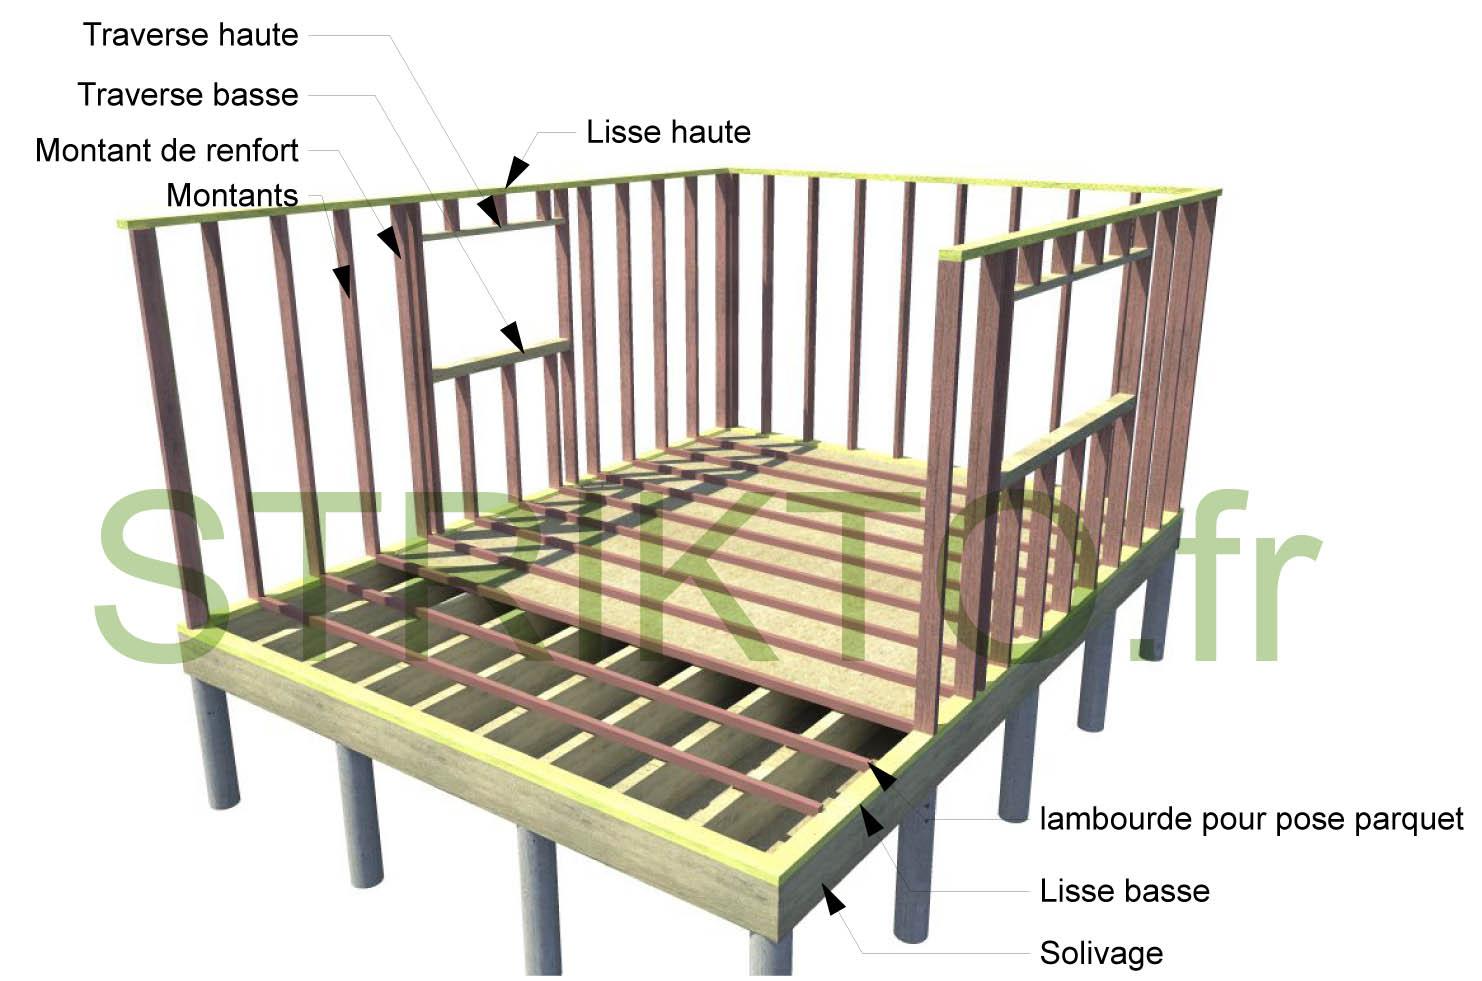 Structure en bois pour maison maison parallele - Maison nature et bois ...